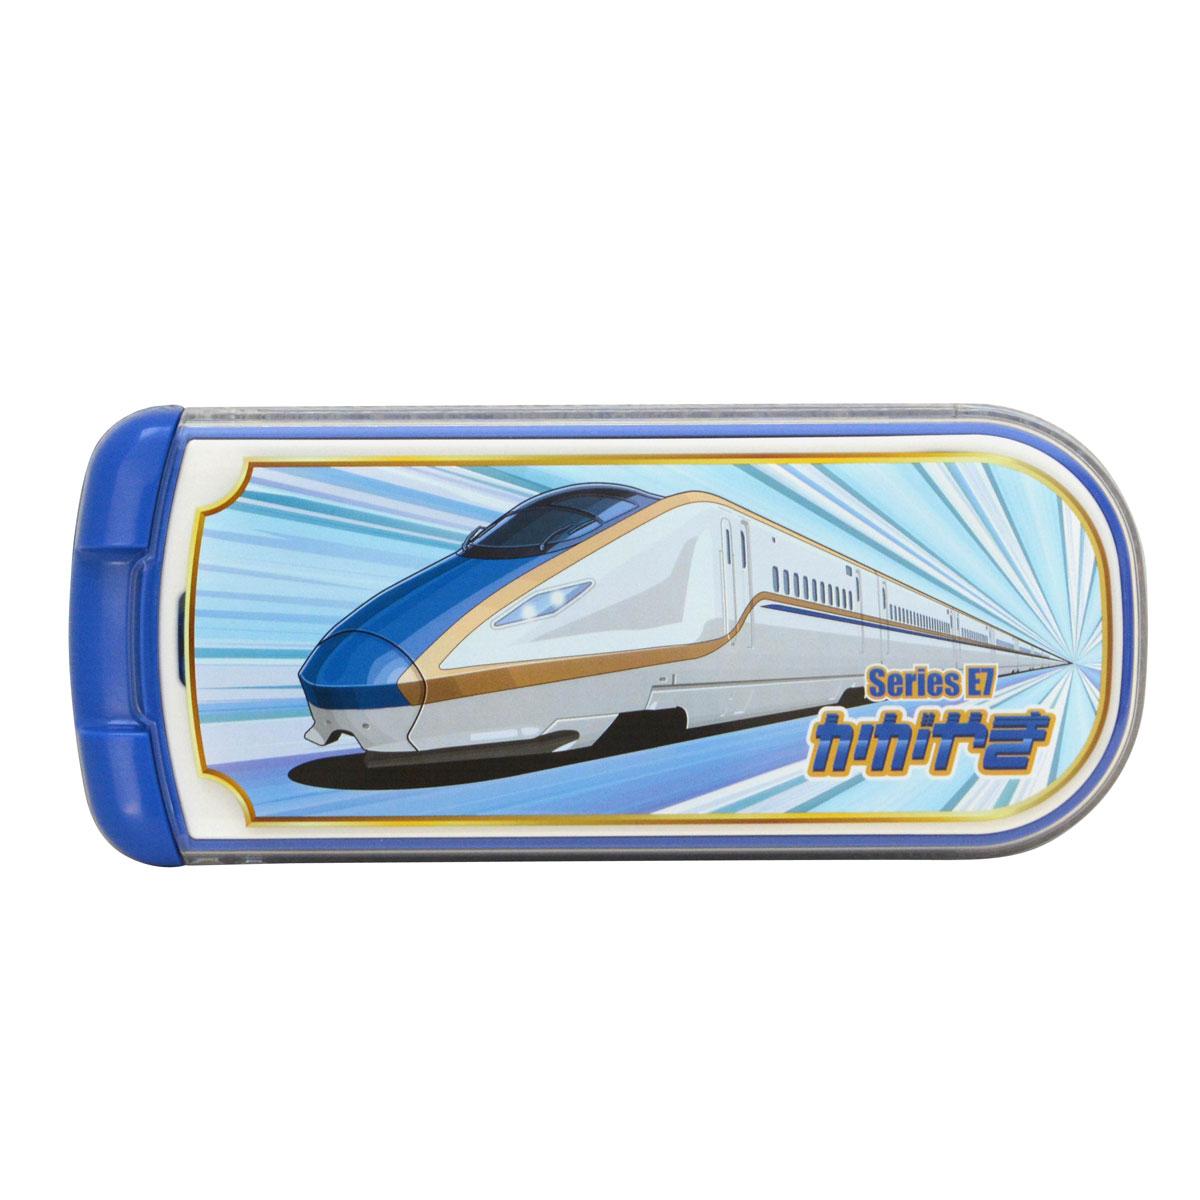 E7系かがやき(北陸新幹線)スライド式トリオセット